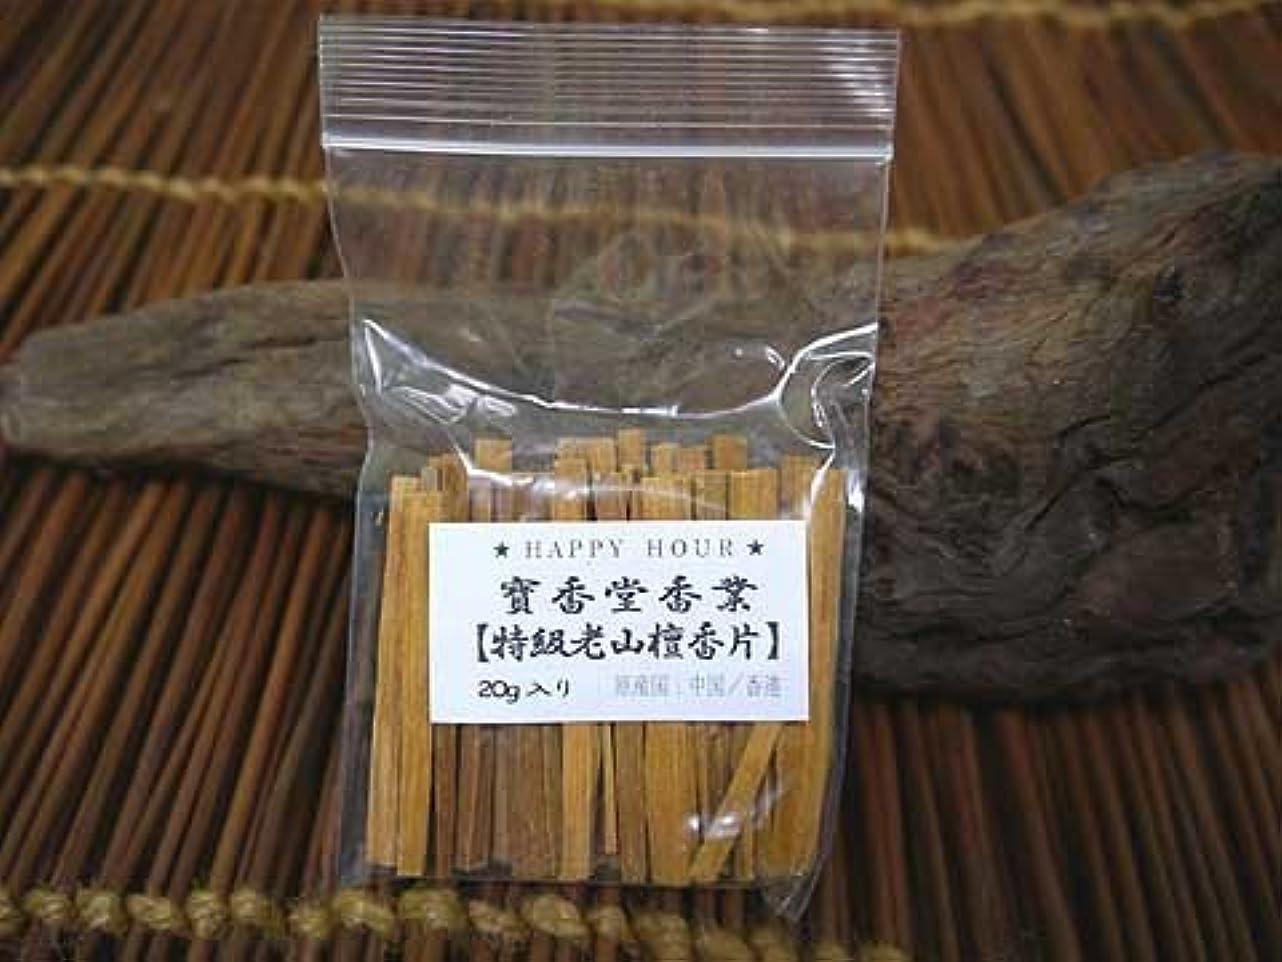 音連鎖右寳香堂香業 特級老山檀香片 20グラム(寳香堂香業) お香作りに